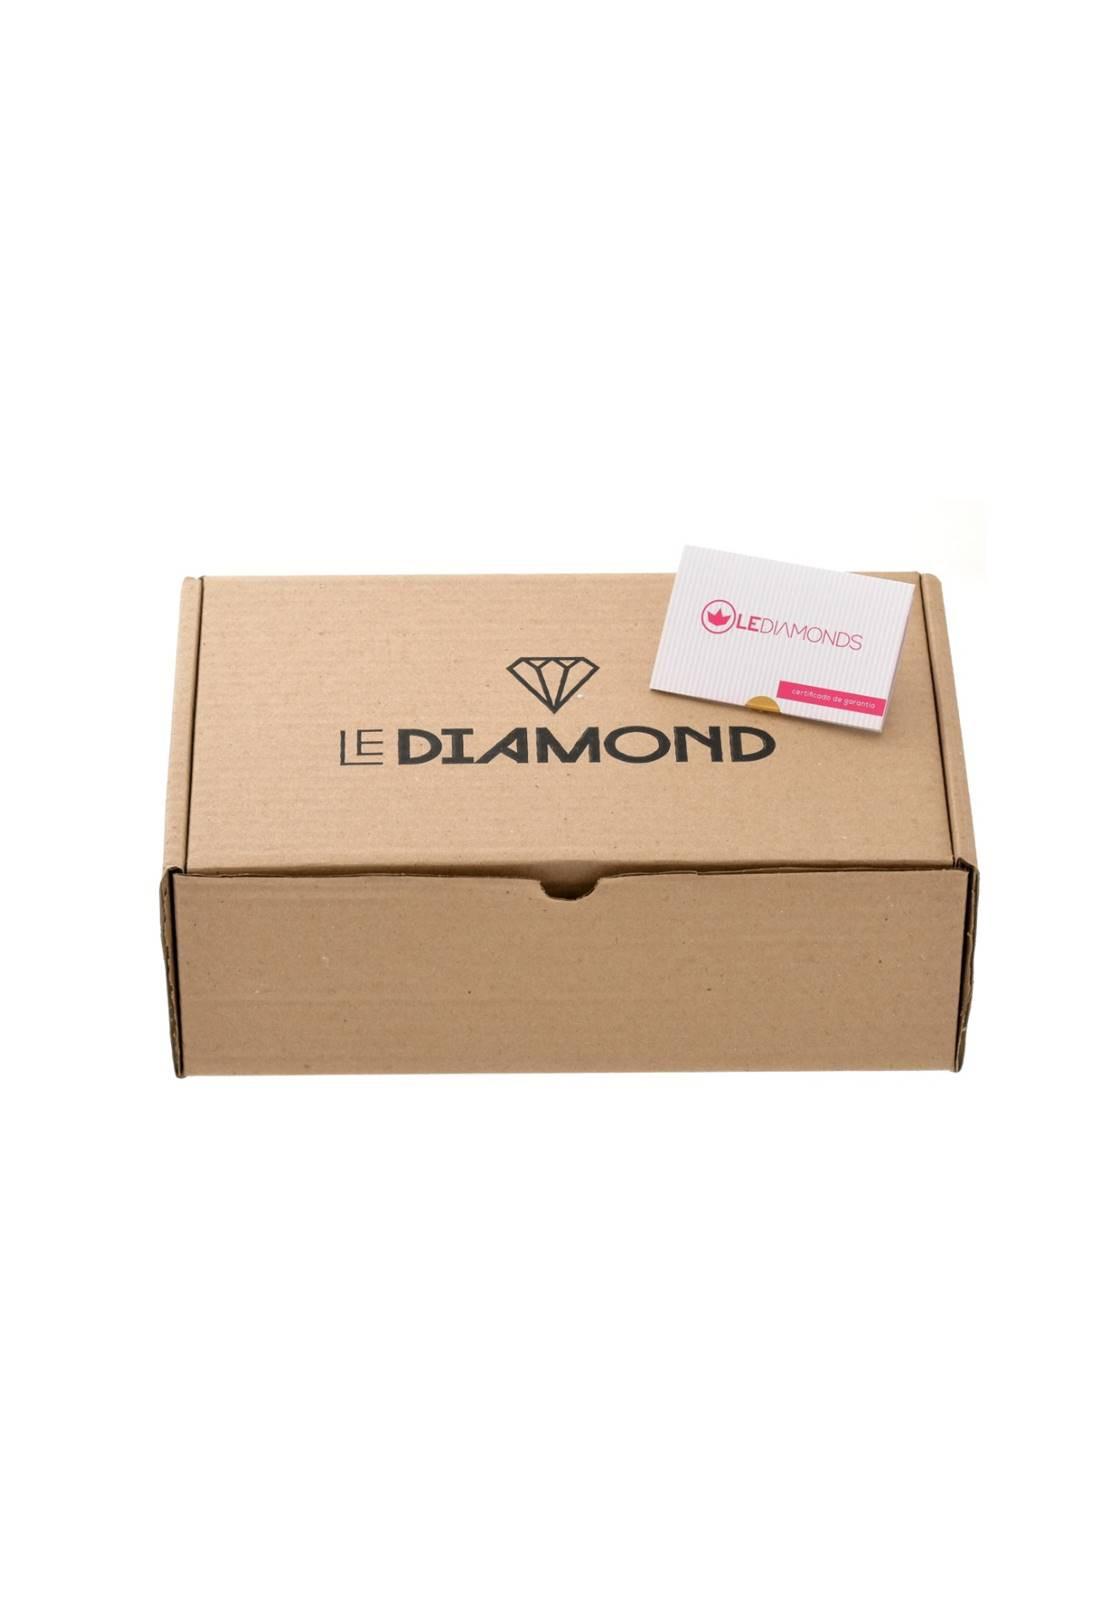 Brinco Le Diamond Argola Aberta Dupla de Encaixe Dourada